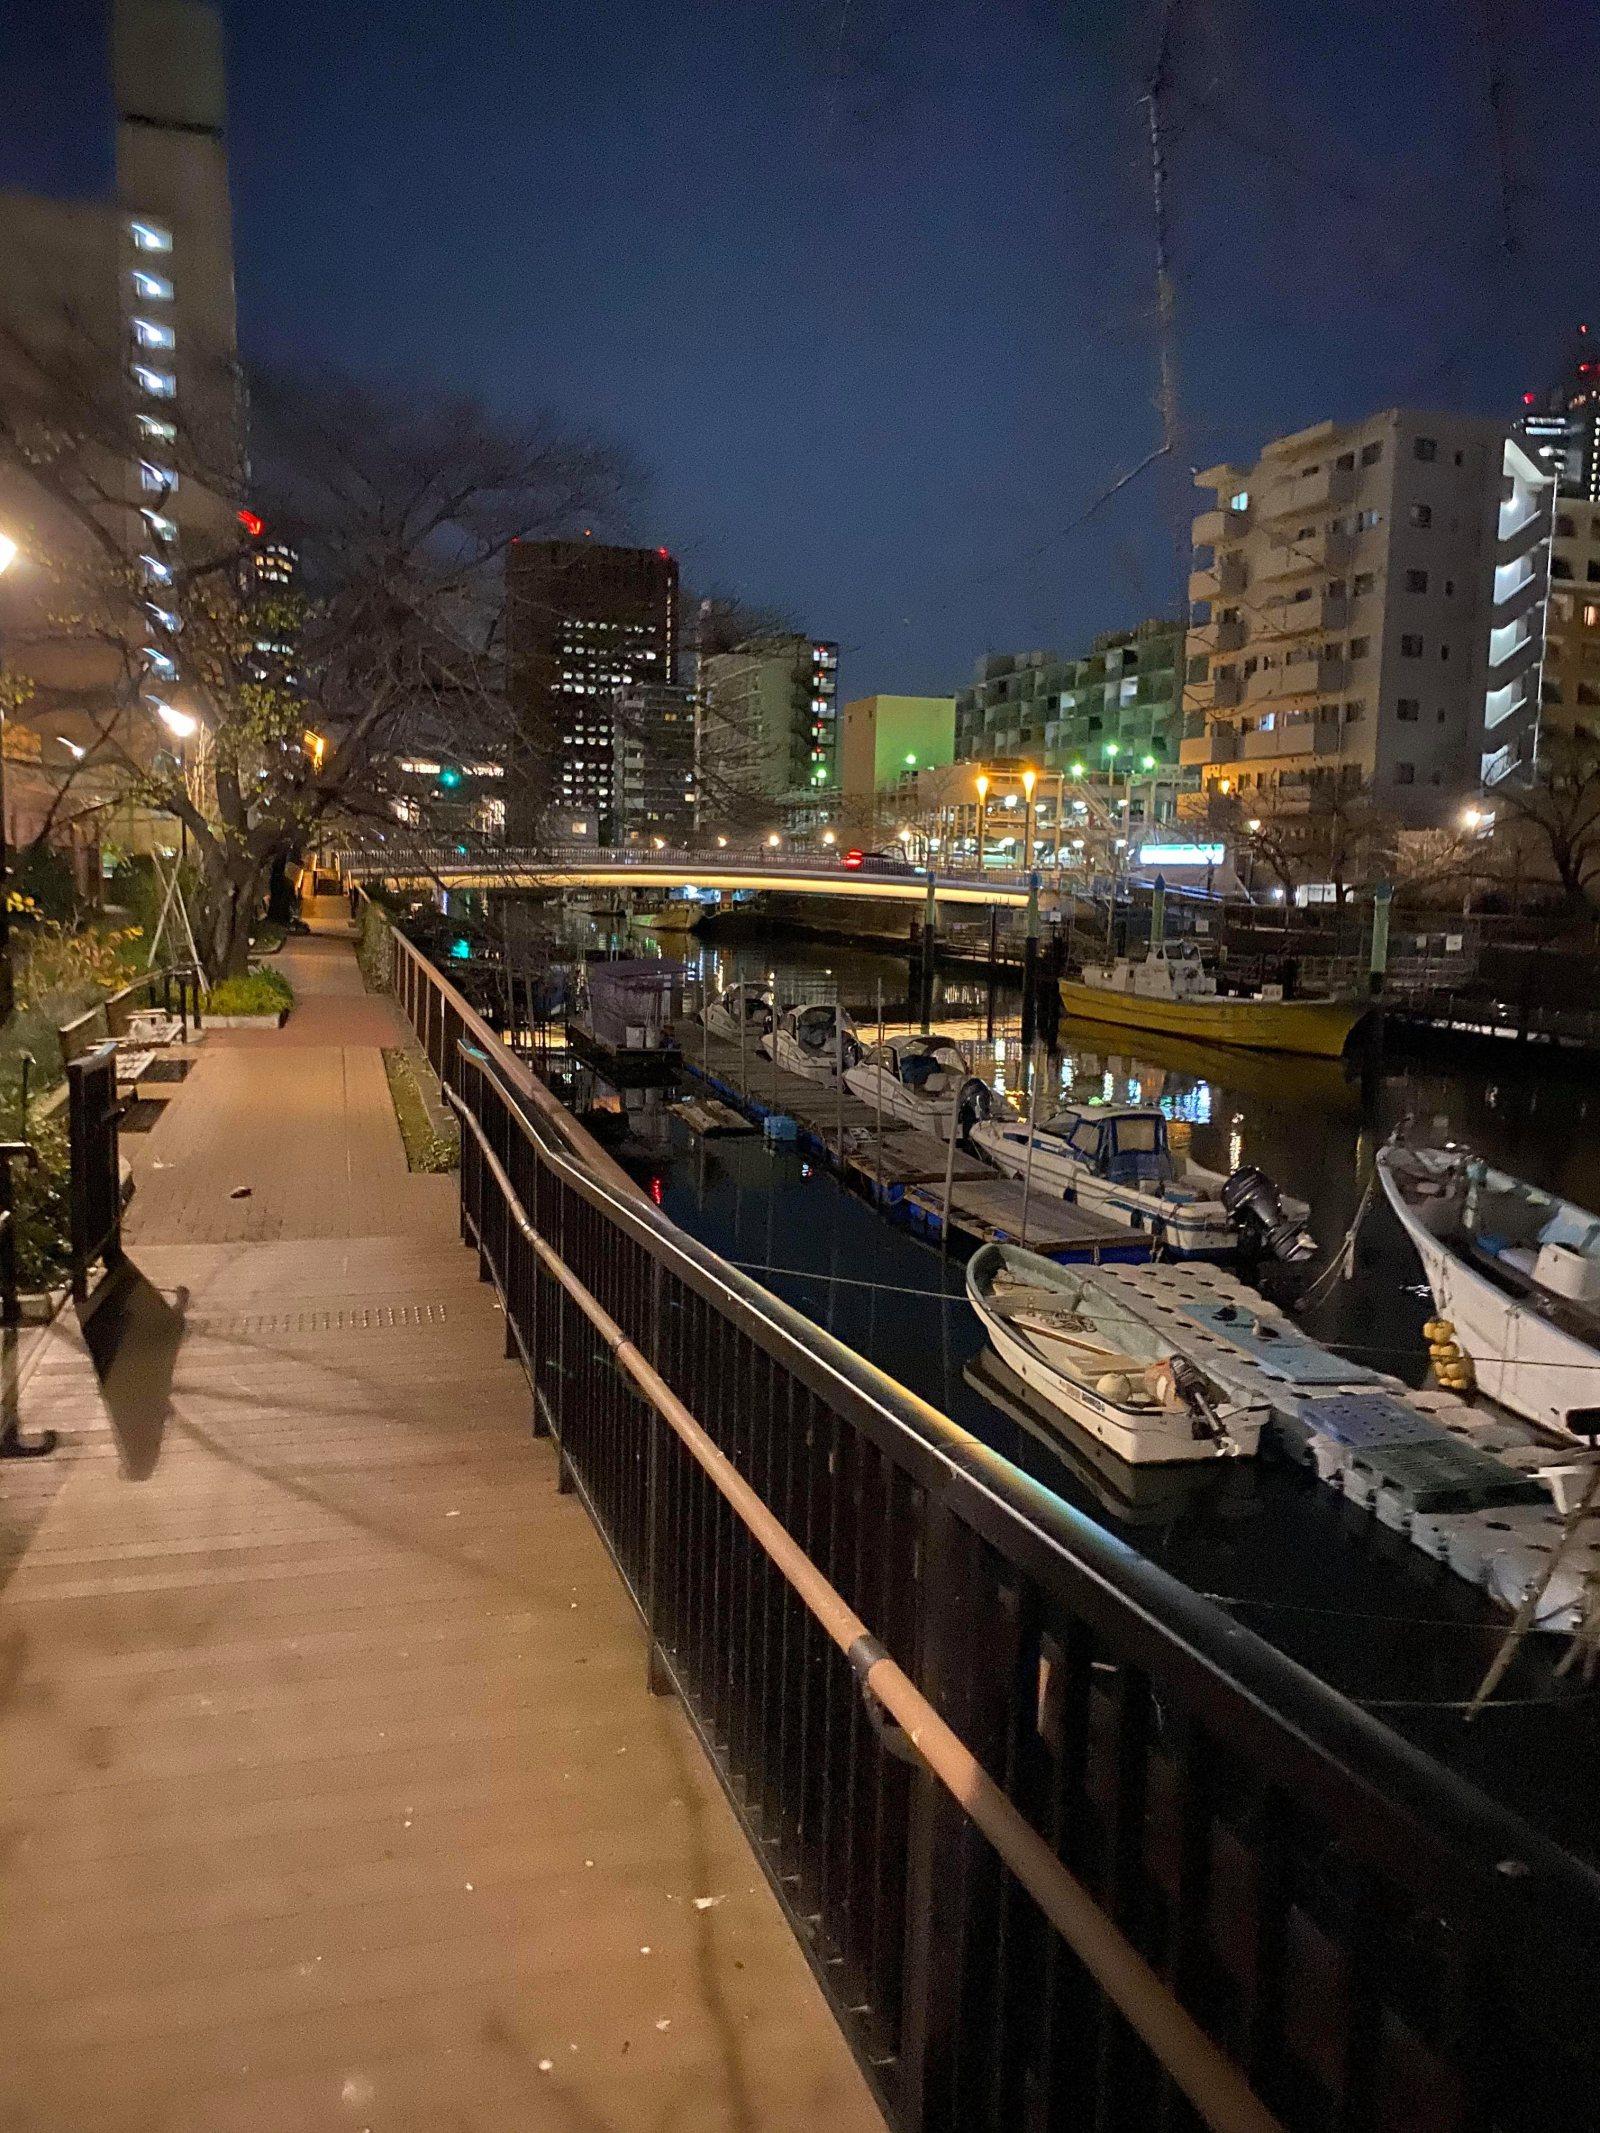 東京の湾奥は、明るくて足場のよいところが多い。ルールとマナーを守ってね!